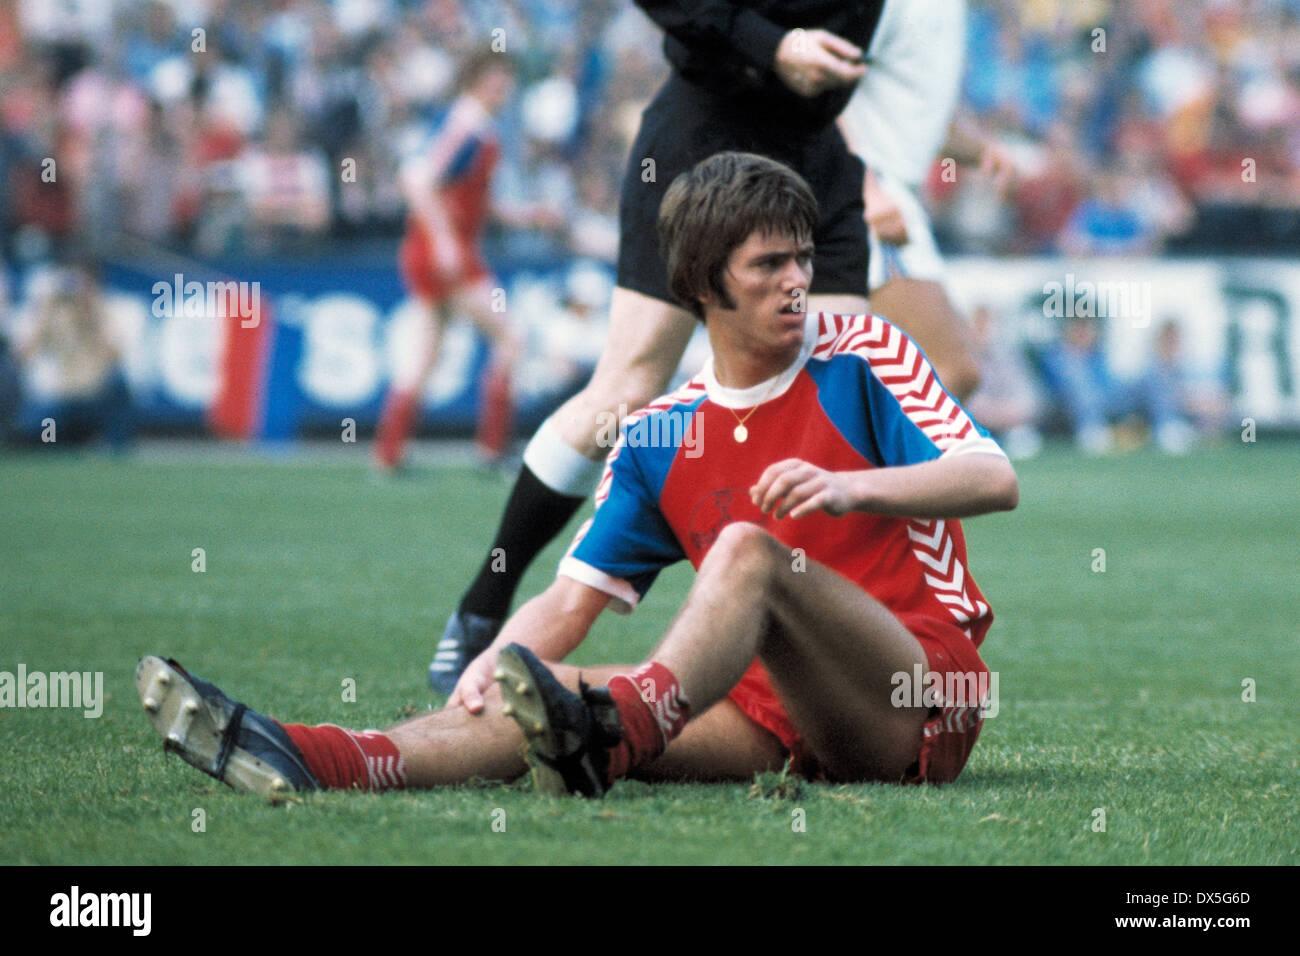 football, 2. Bundesliga Nord, 2. Bundesliga Sued, 1974/1975, relegation match to Bundesliga 1975/1976, return leg, Grotenburg Stadium in Krefeld, FC Bayer 05 Uerdingen versus FK Pirmasens 6:0, scene of the match, Friedhelm Funkel (Uerdingen) sitting on th - Stock Image